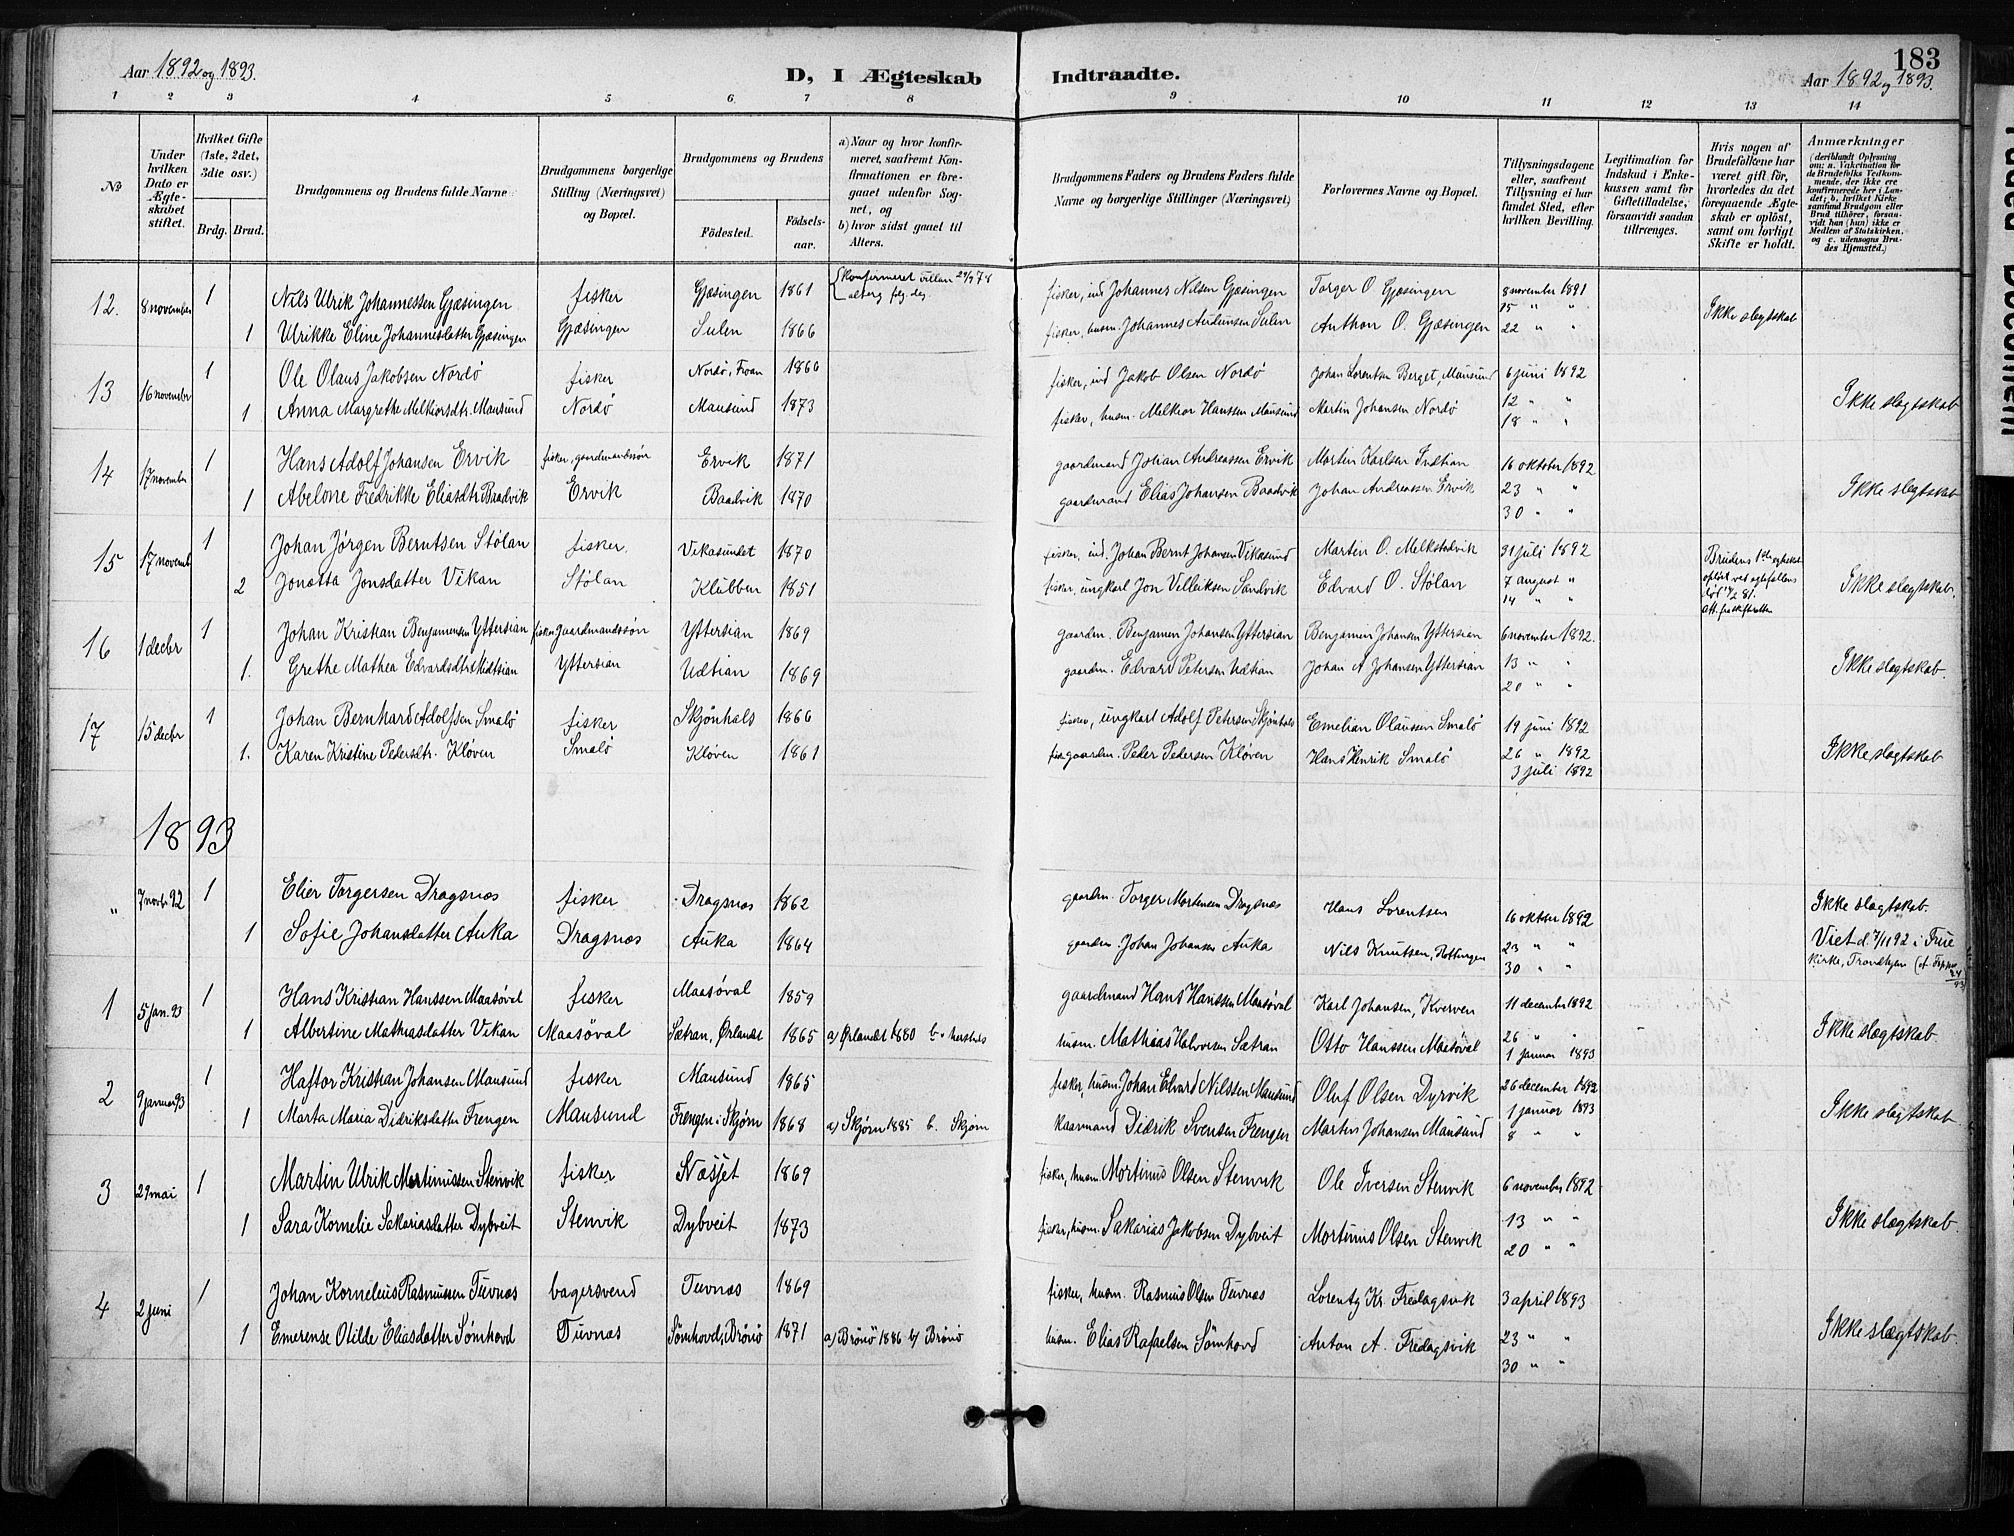 SAT, Ministerialprotokoller, klokkerbøker og fødselsregistre - Sør-Trøndelag, 640/L0579: Ministerialbok nr. 640A04, 1889-1902, s. 183